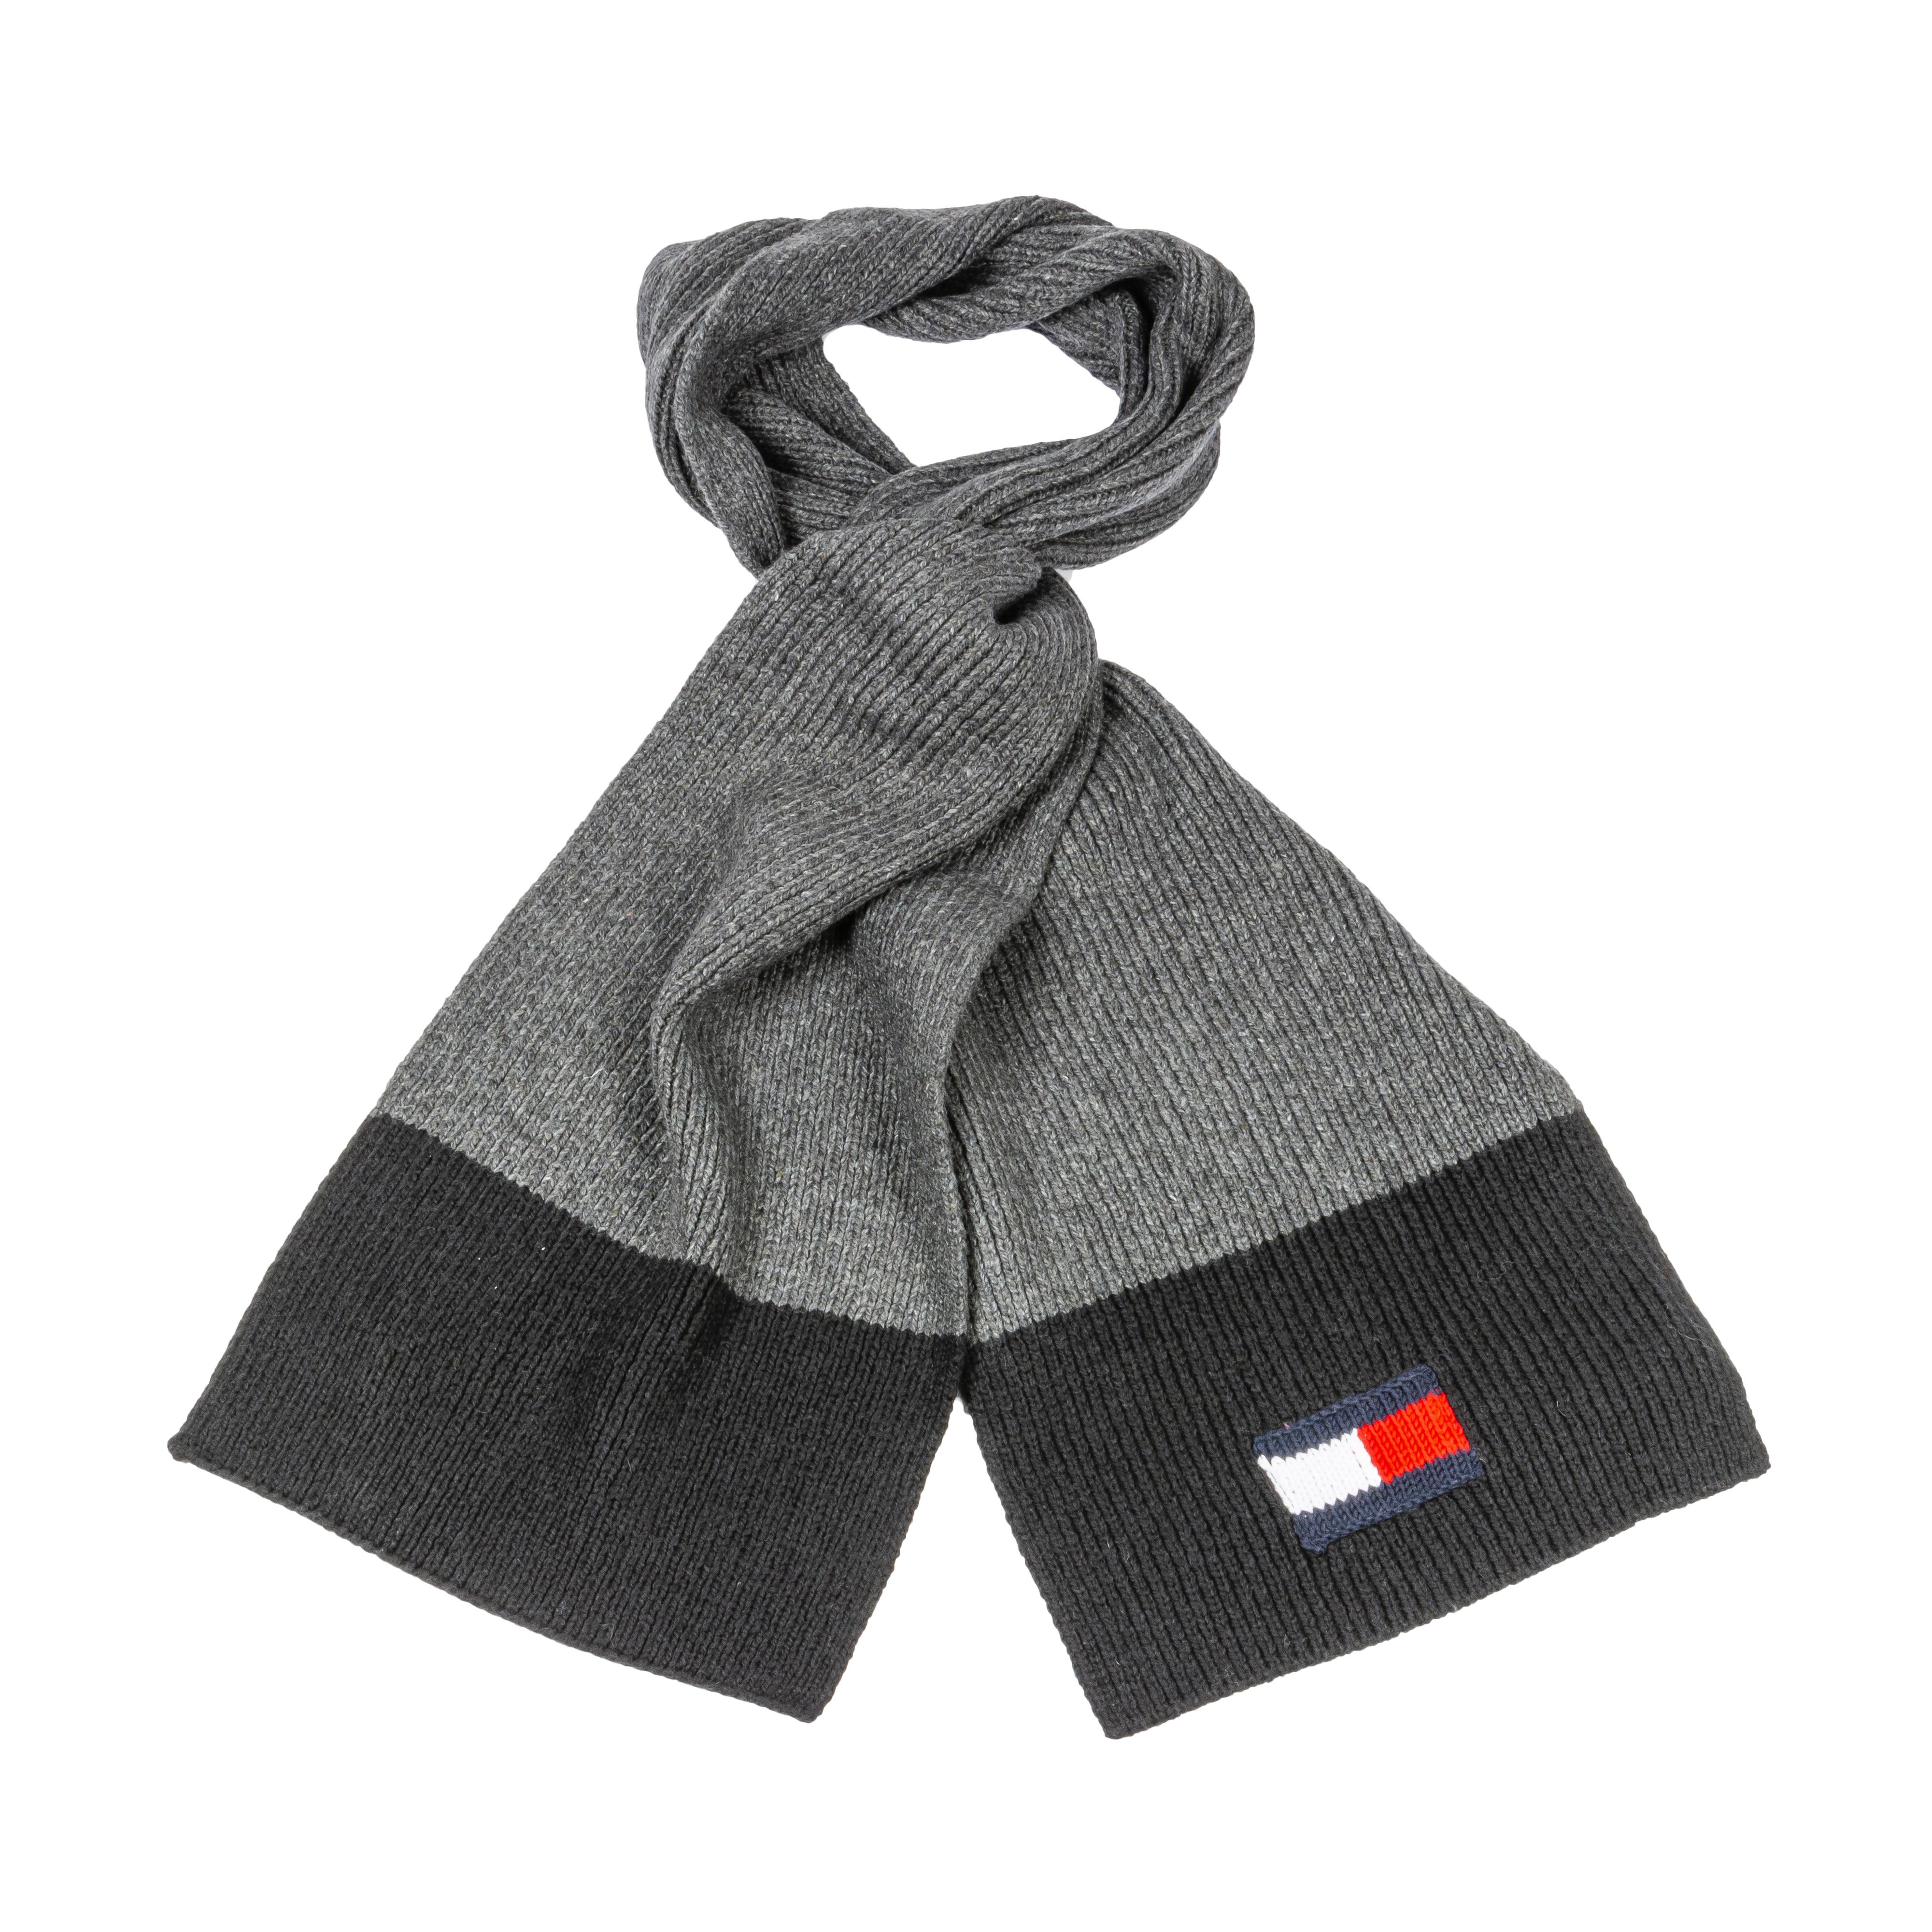 Echarpe tommy hilfiger big flag en laine et coton mélangé gris et noirs